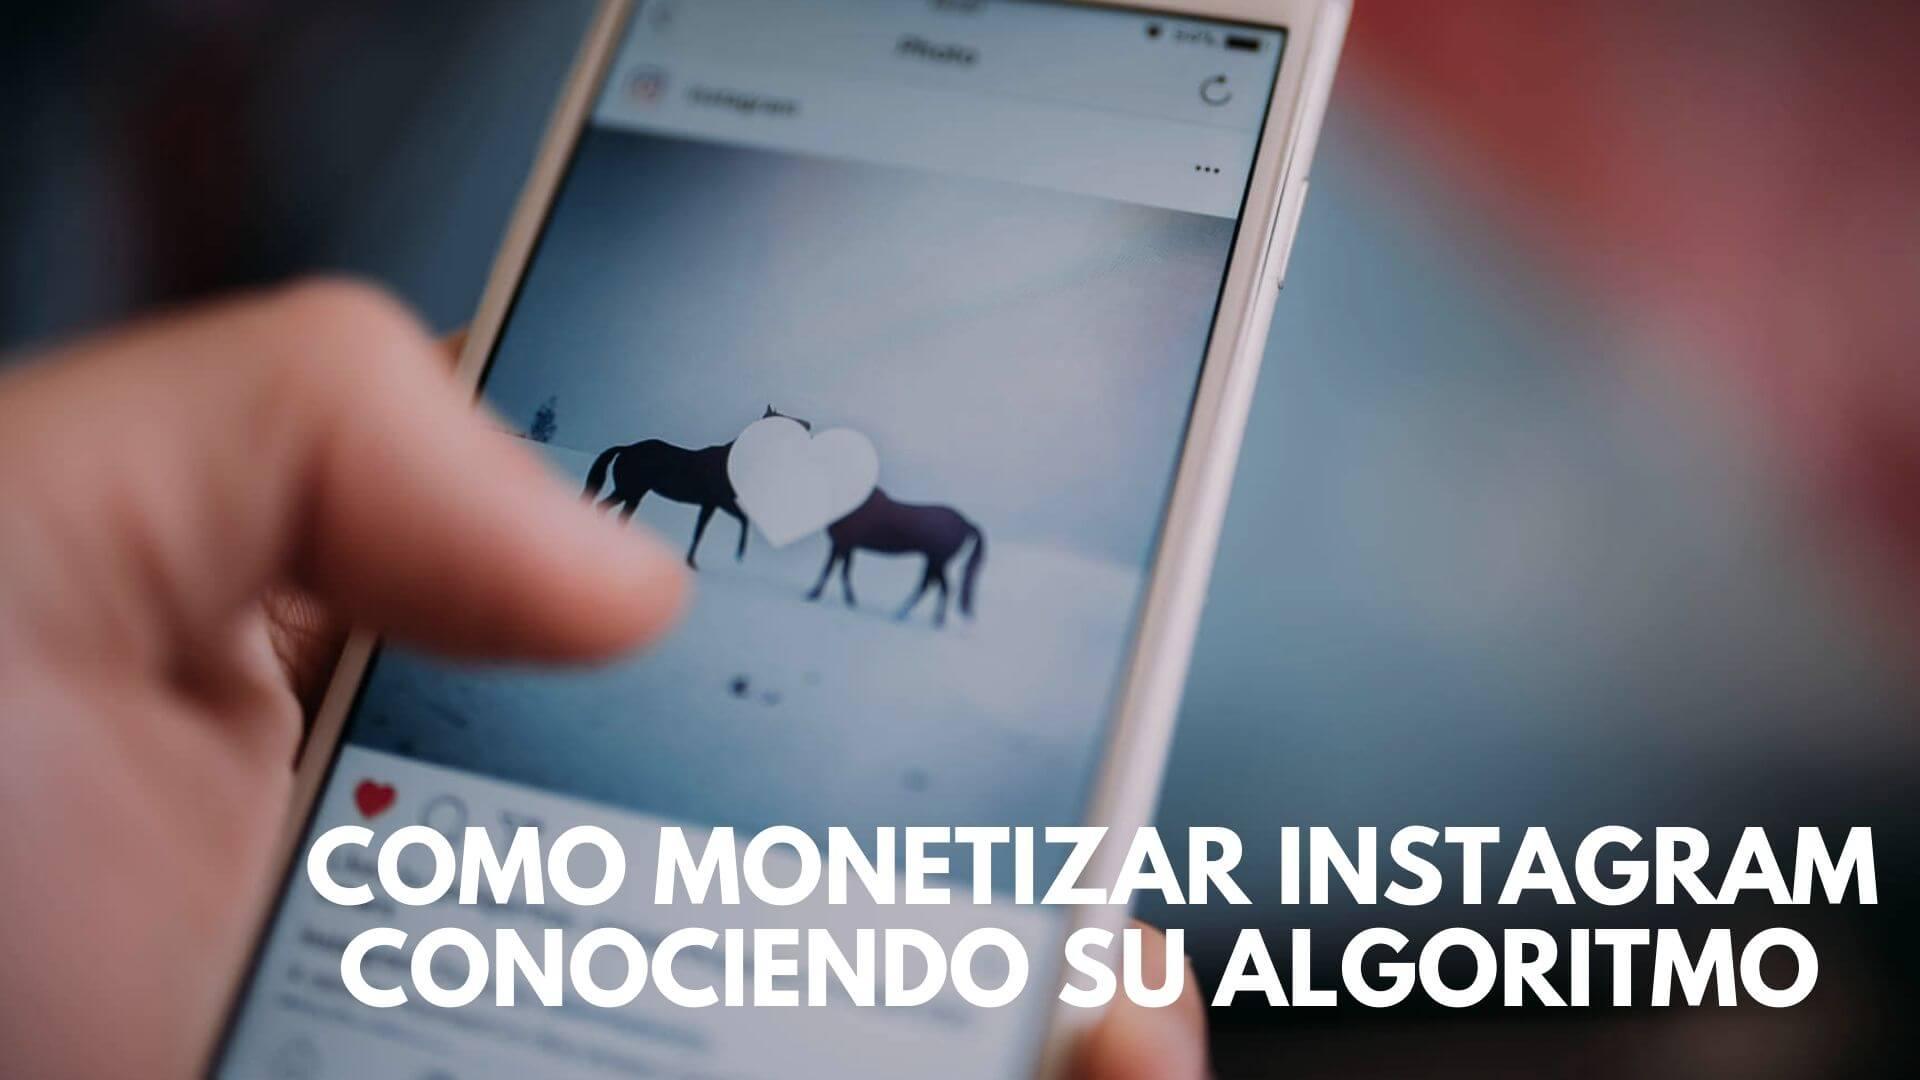 ¿Cómo monetizar Instagram? Monetiza Instagram conociendo su algoritmo